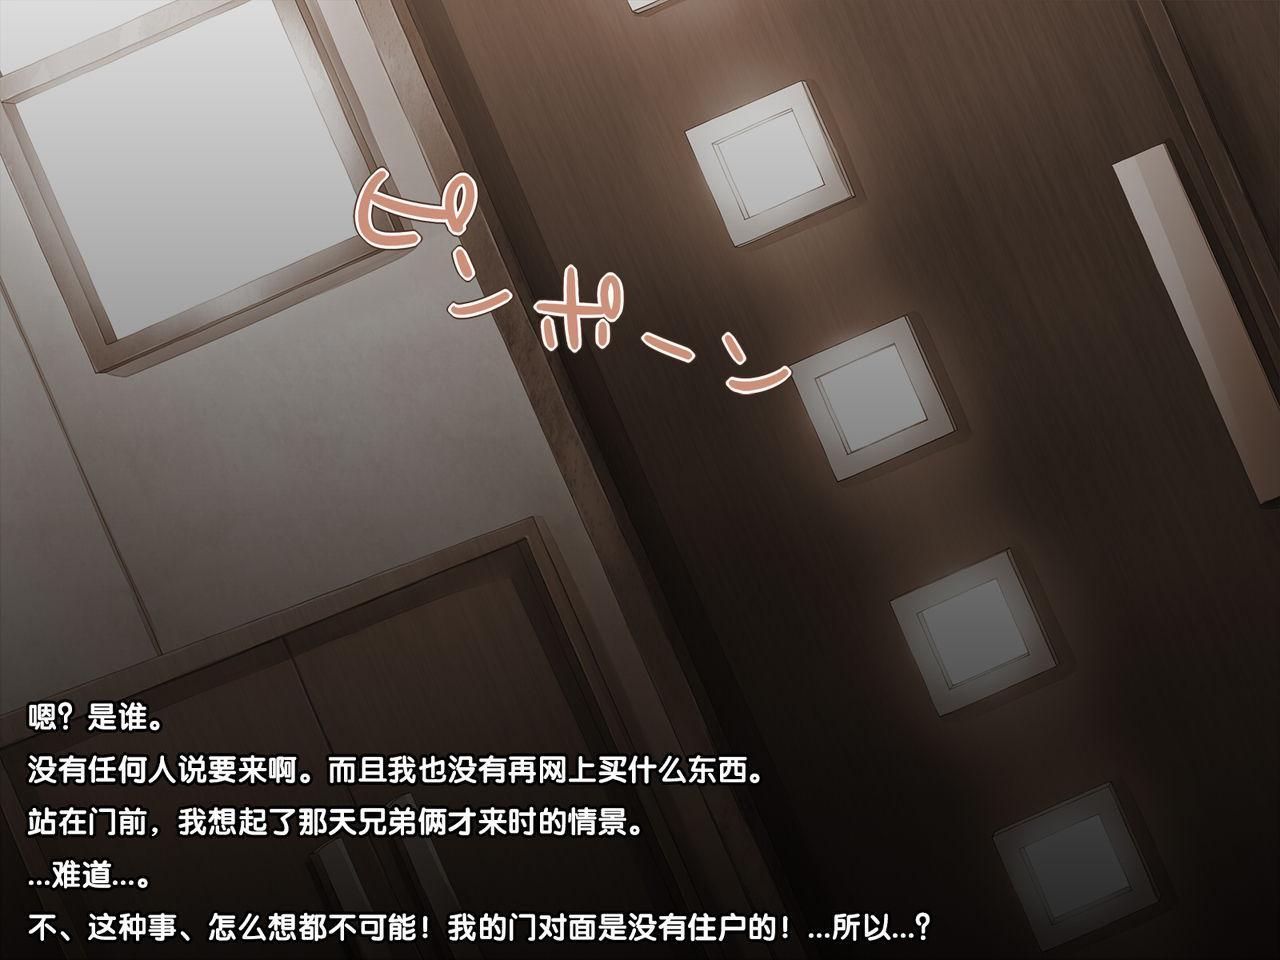 Seiryokuzai de Seiyoku Bouhatsu! Tairyou Tanetsuke de Shota Kyoudai Kyousei Harabote! 114